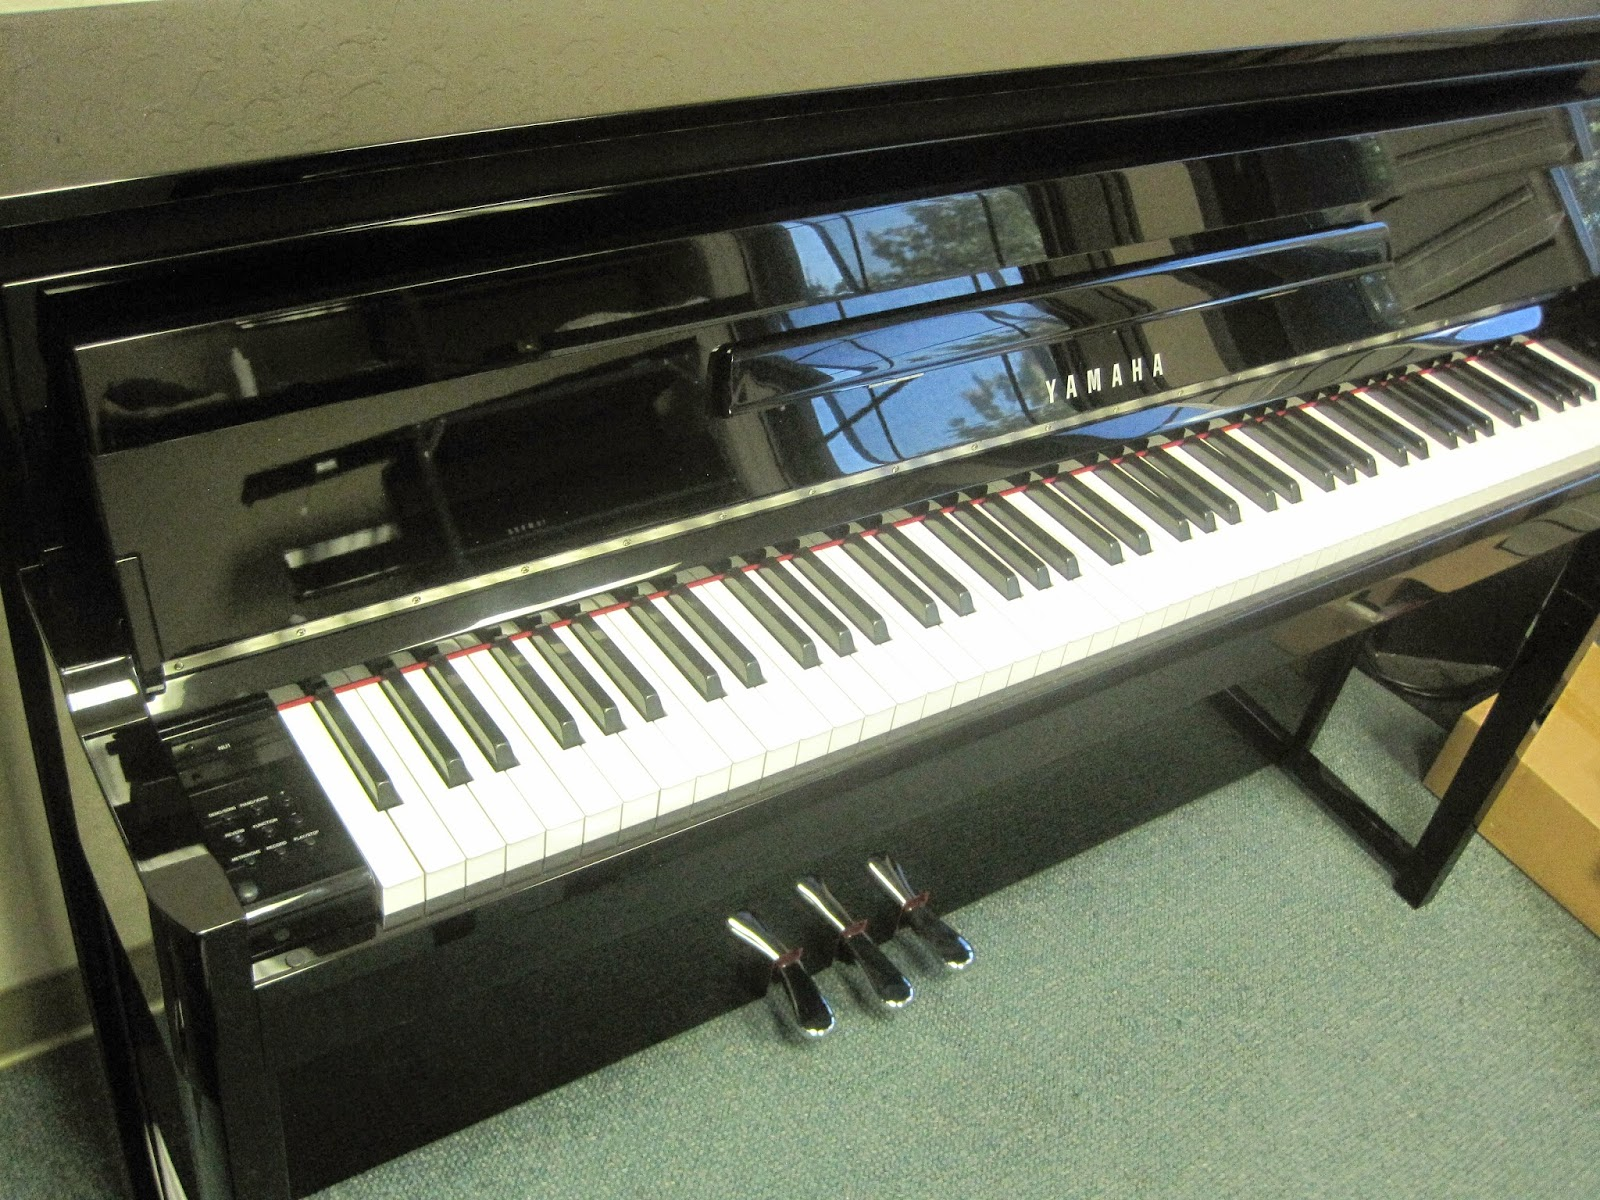 Az piano reviews review yamaha nu1 digital piano for How to repair yamaha keyboard